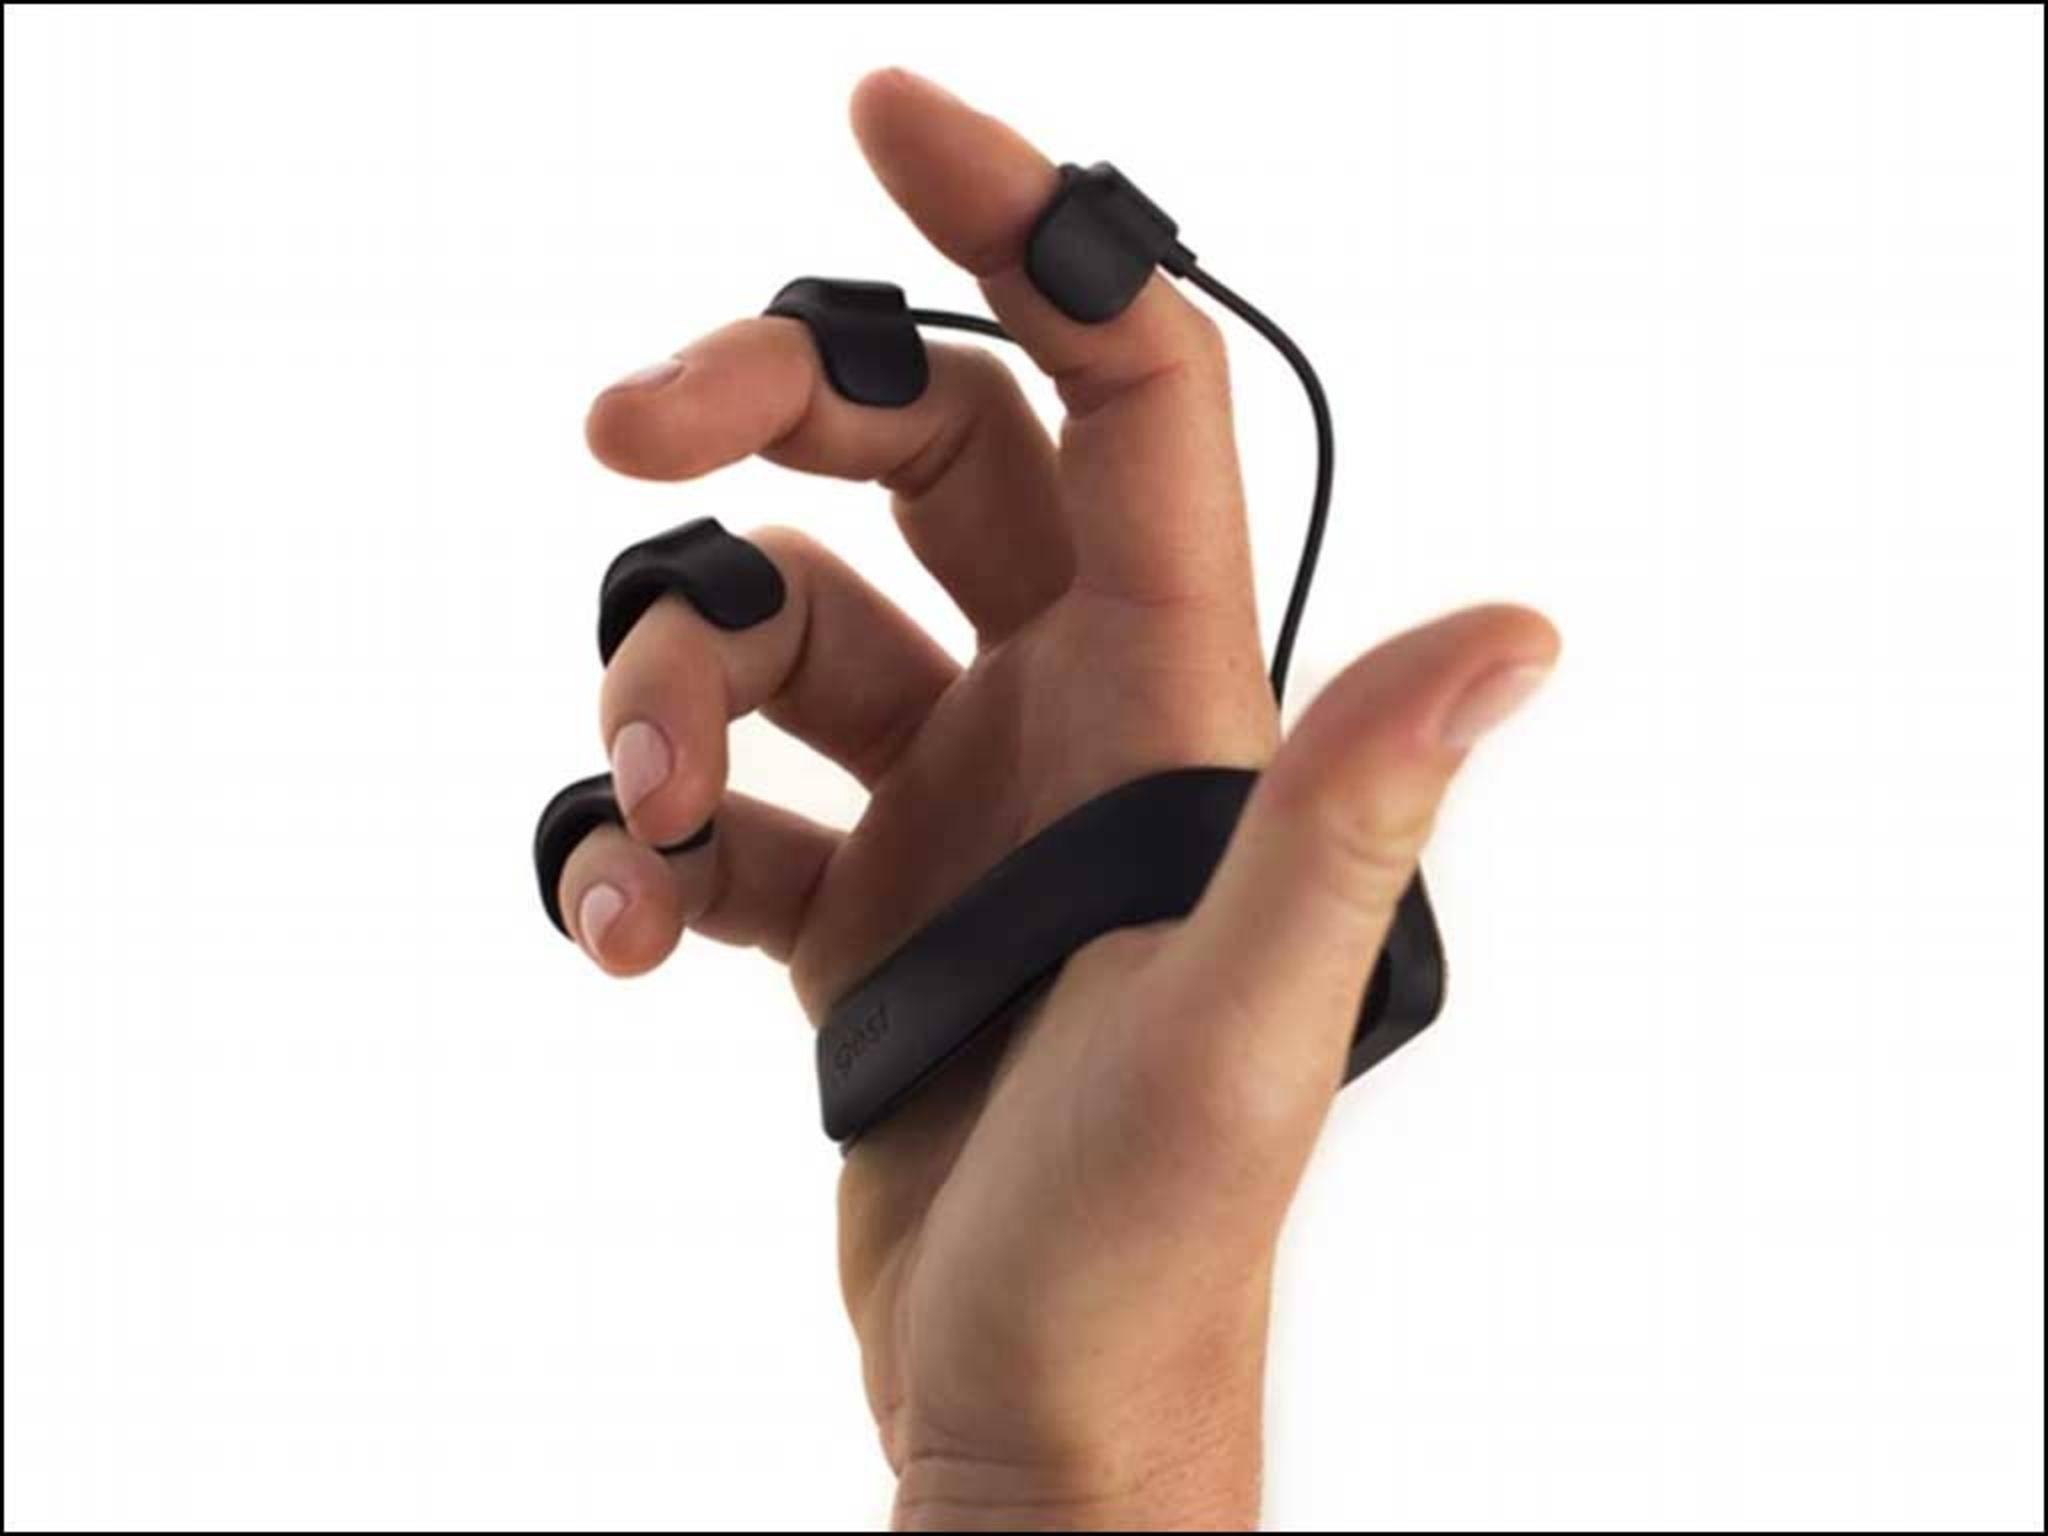 Gest schließt sich um die Hand und kann nicht herunterfallen.